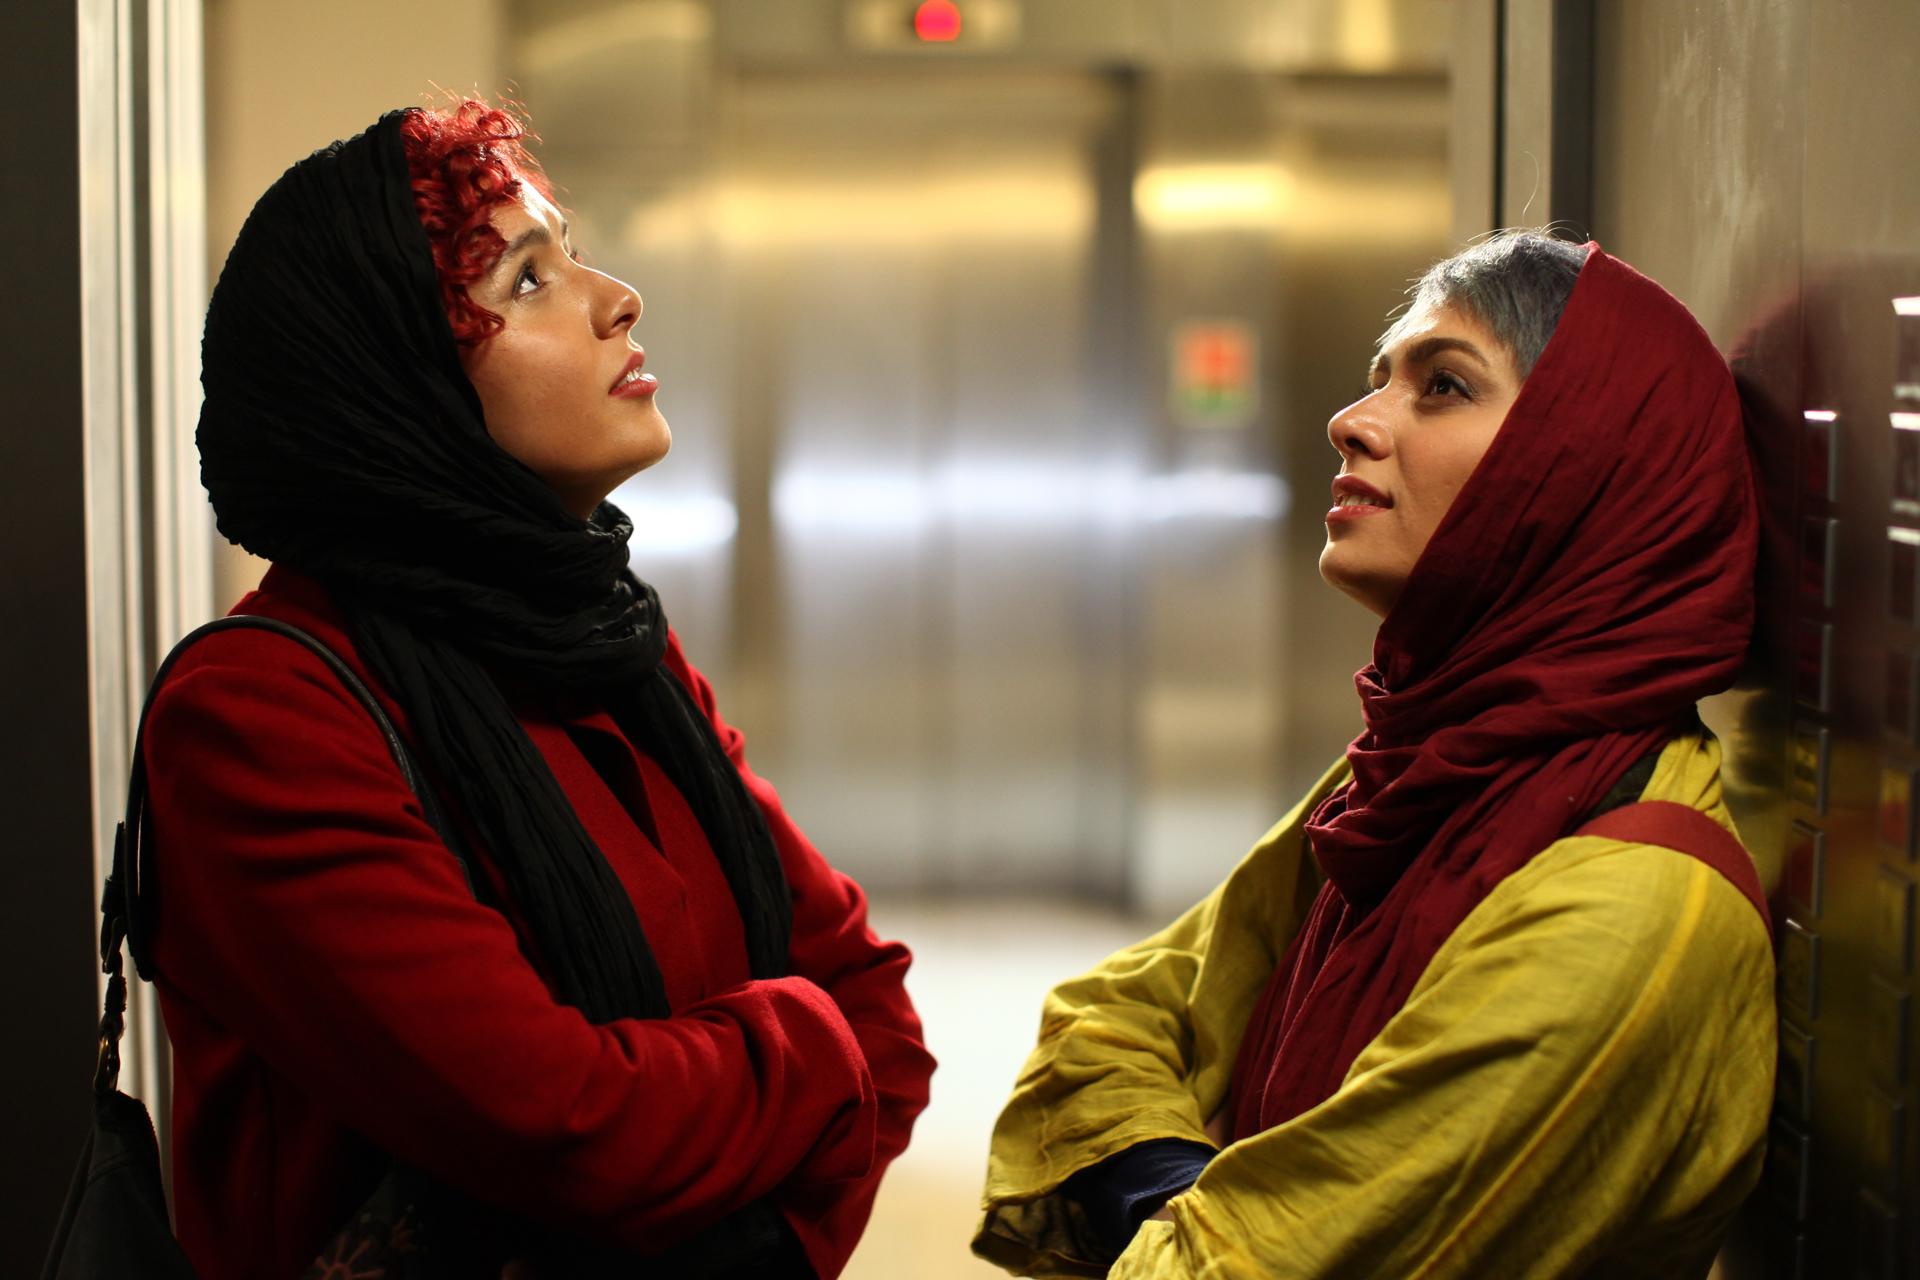 فیلم مادر قلب اتمی کاری از علی احمدزاده؛ تیغ دو لبه سینمای ایران